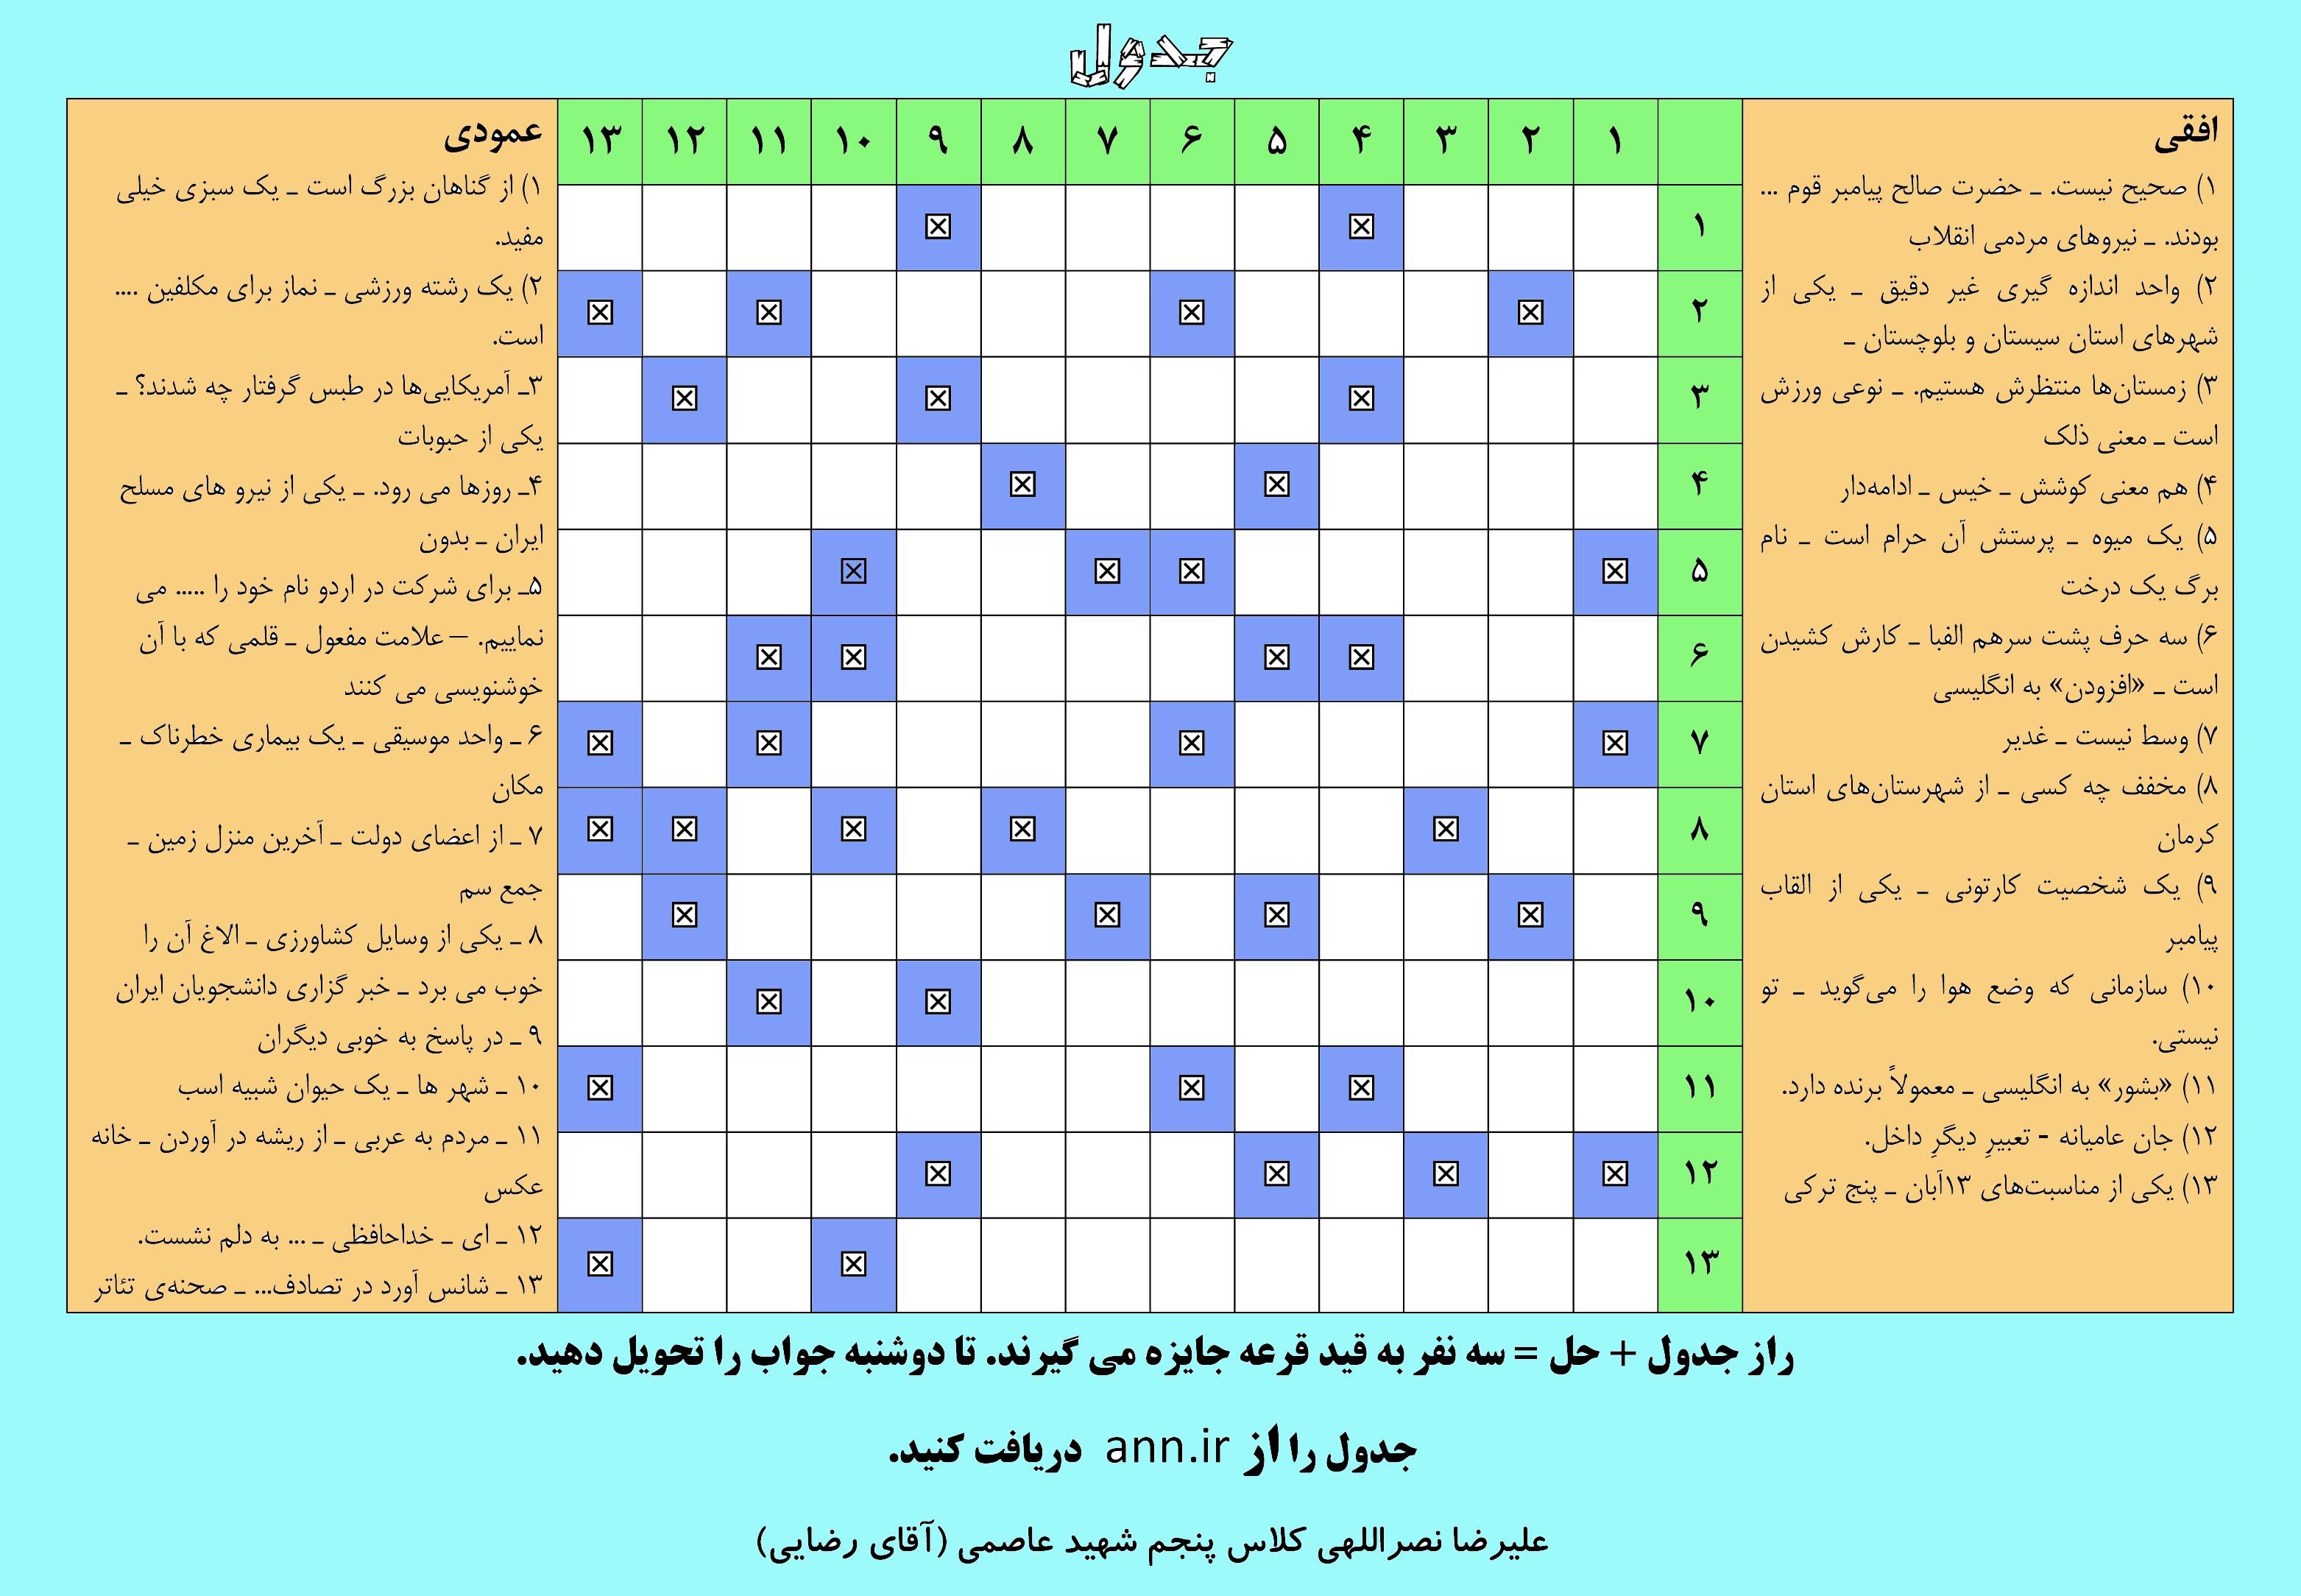 13 آبان روزنامه دیواری + جایزه